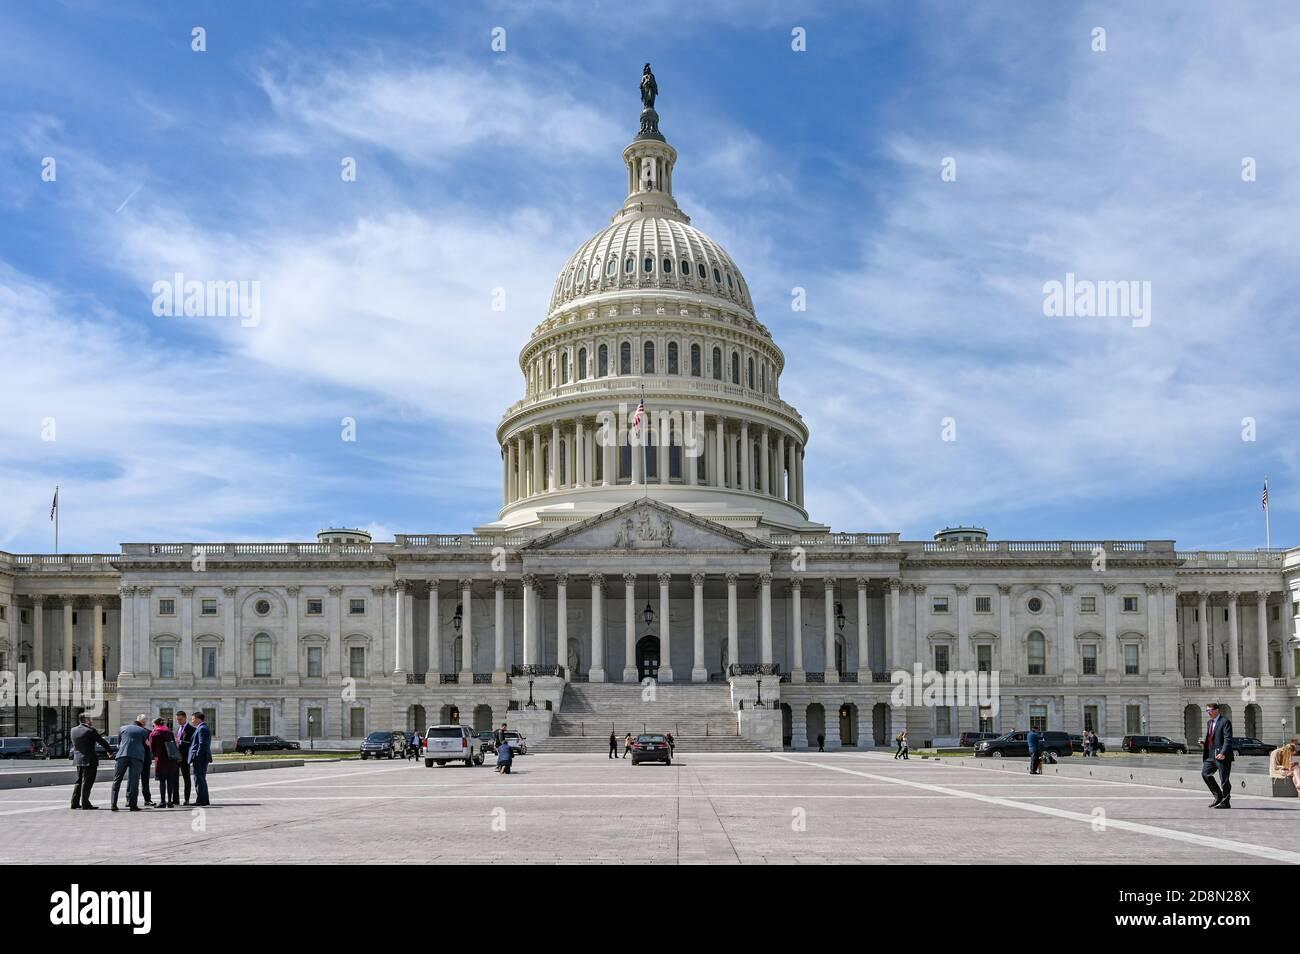 Capitole des États-Unis et Capitol Hill. Le Capitole abrite le Congrès américain. Banque D'Images